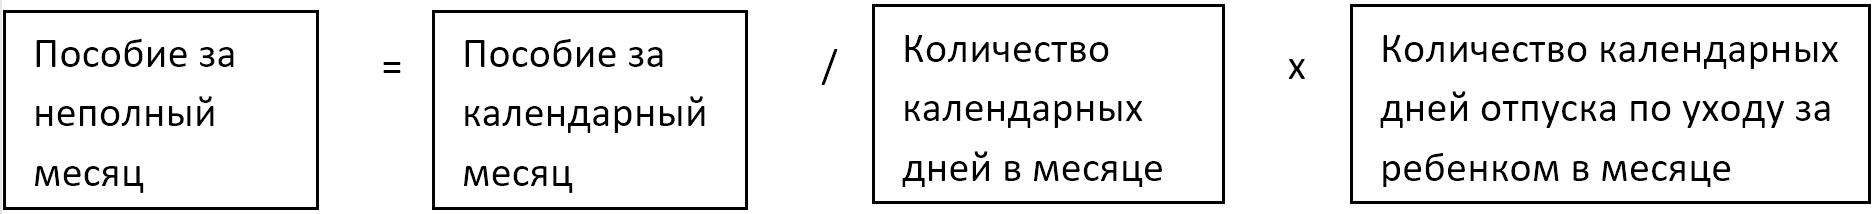 Калькулятор декретных